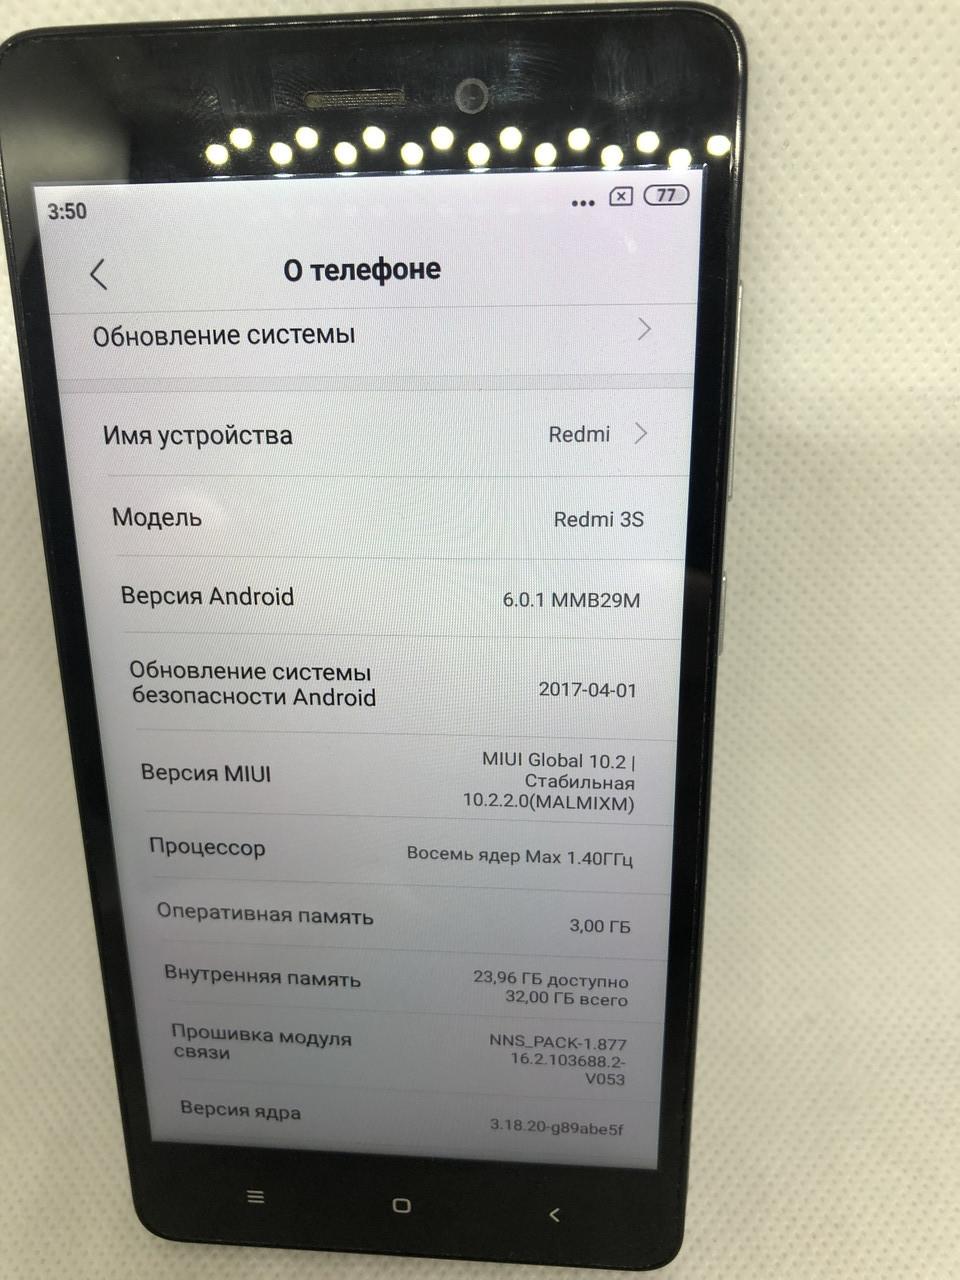 Мобильный телефон Xiaomi Redmi 3s 3/32 dark gray 150ВР